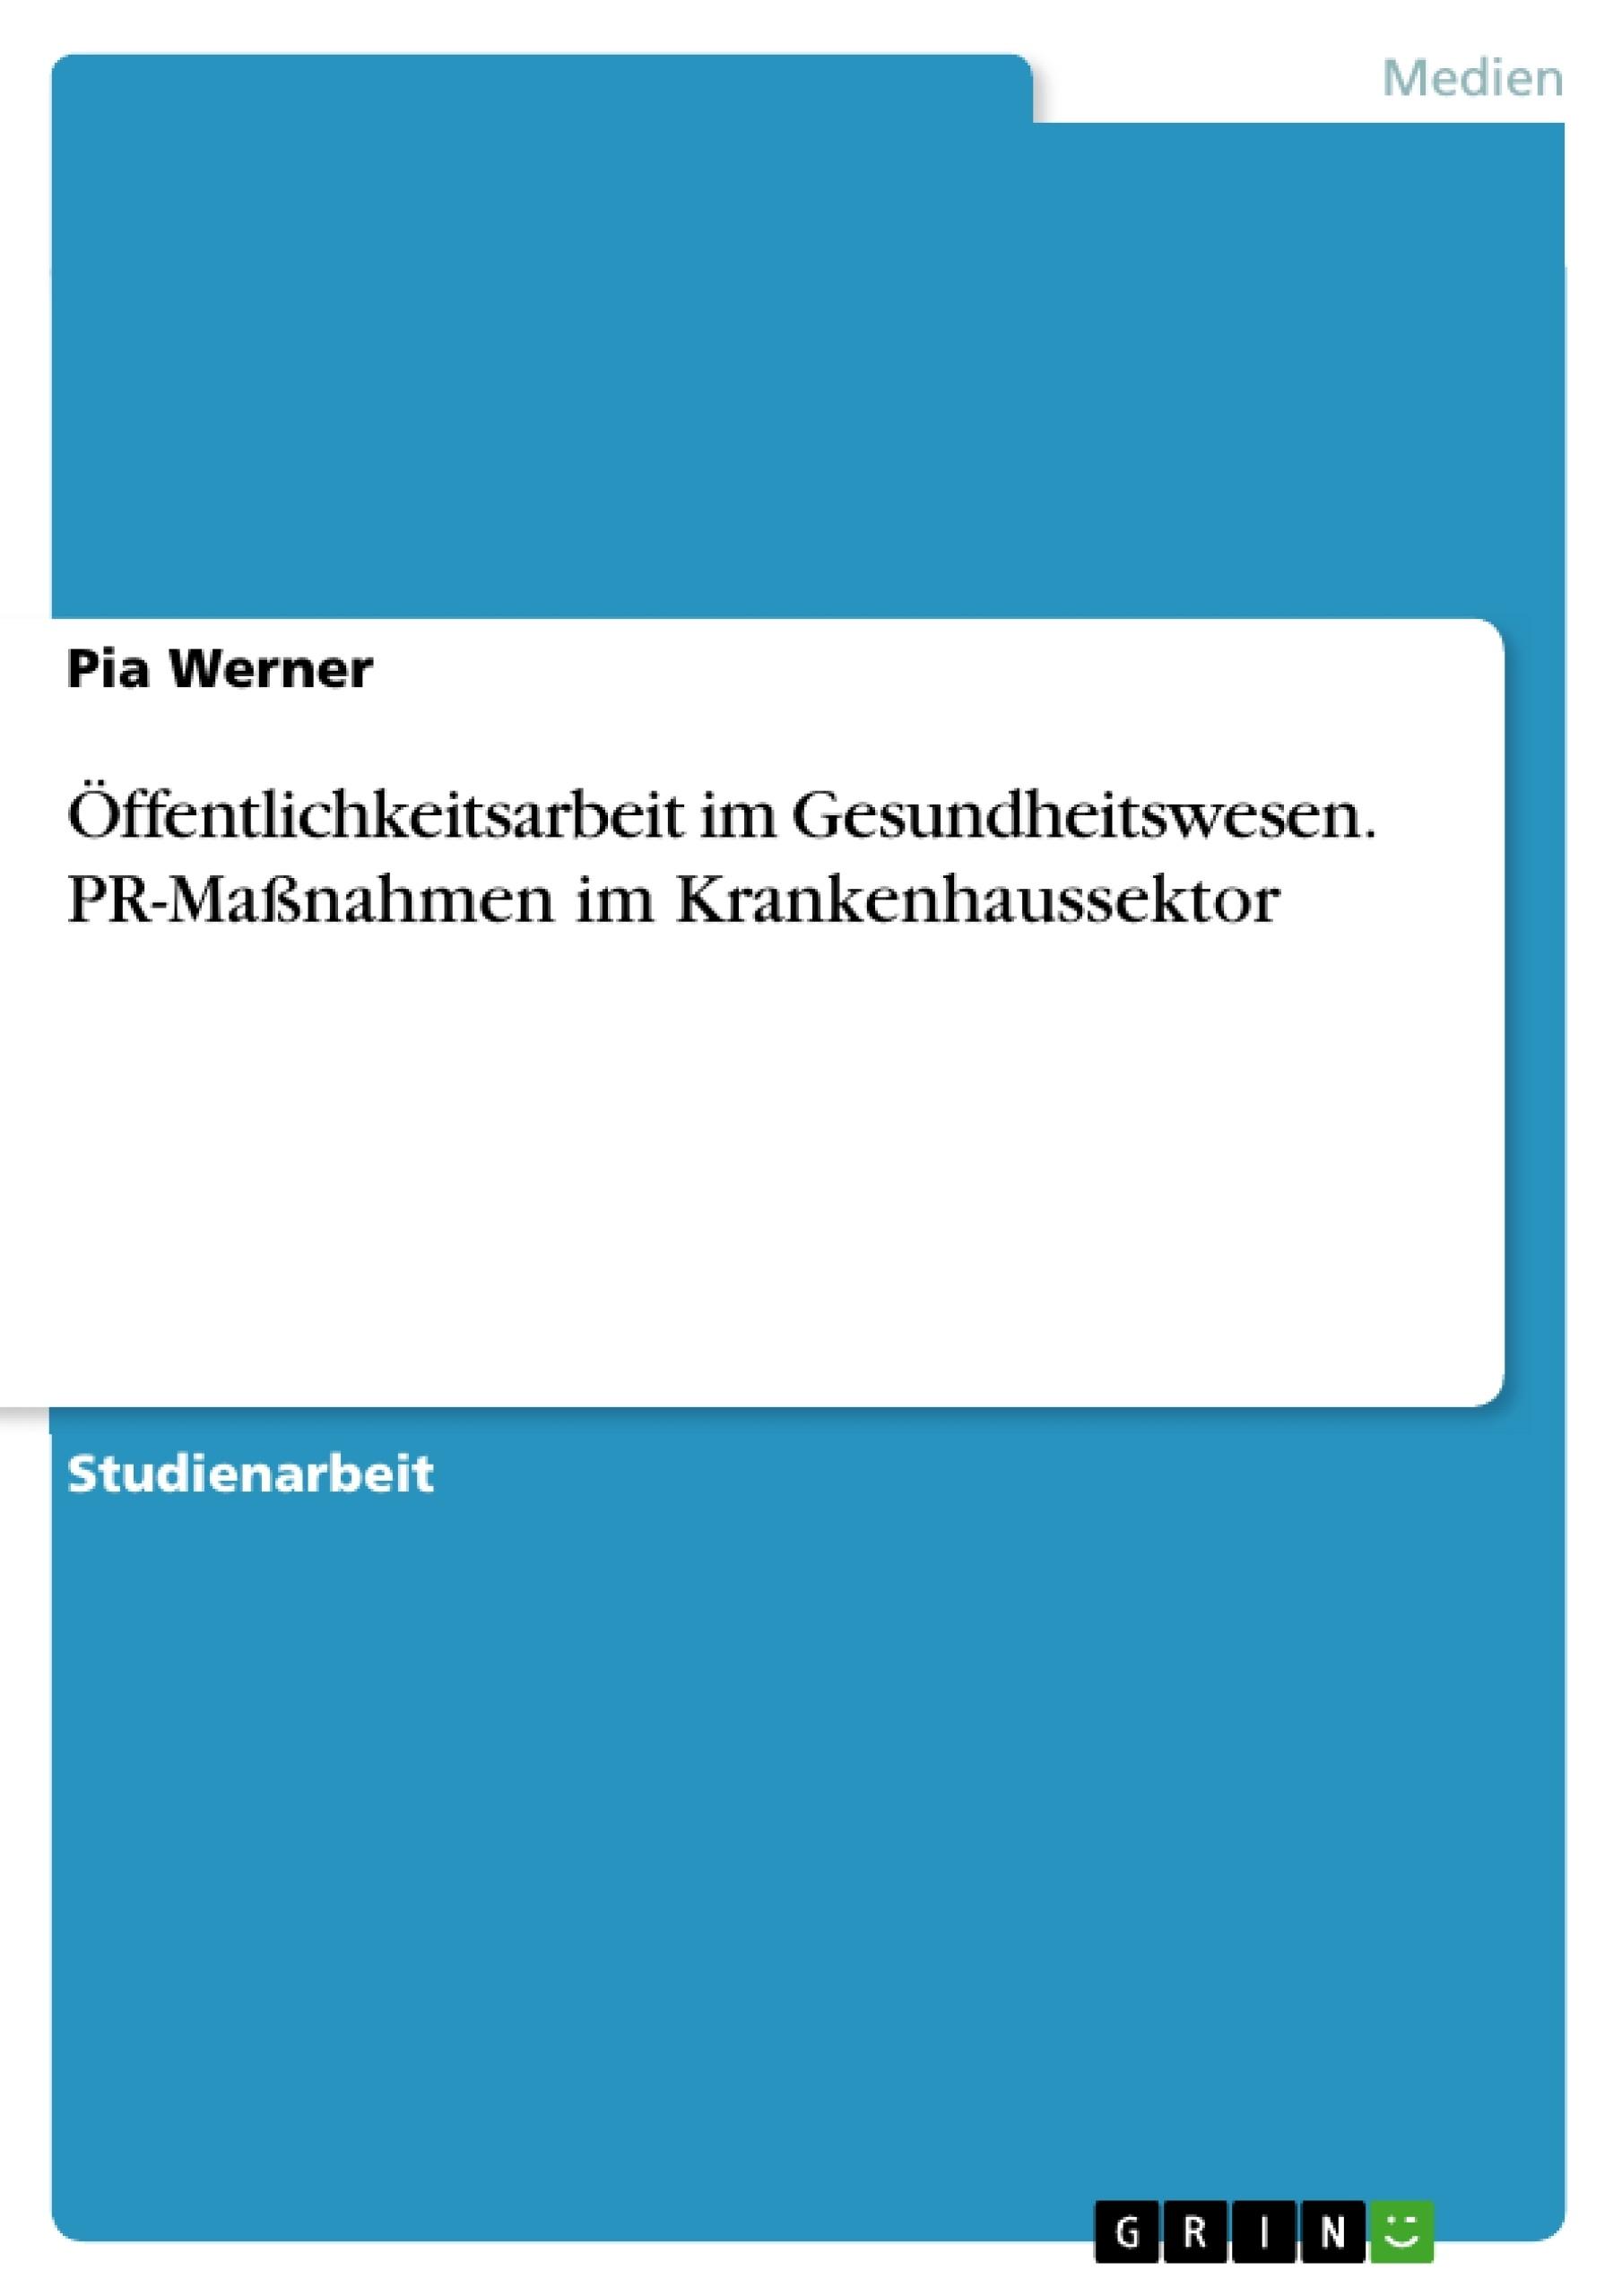 Titel: Öffentlichkeitsarbeit im  Gesundheitswesen. PR-Maßnahmen im Krankenhaussektor